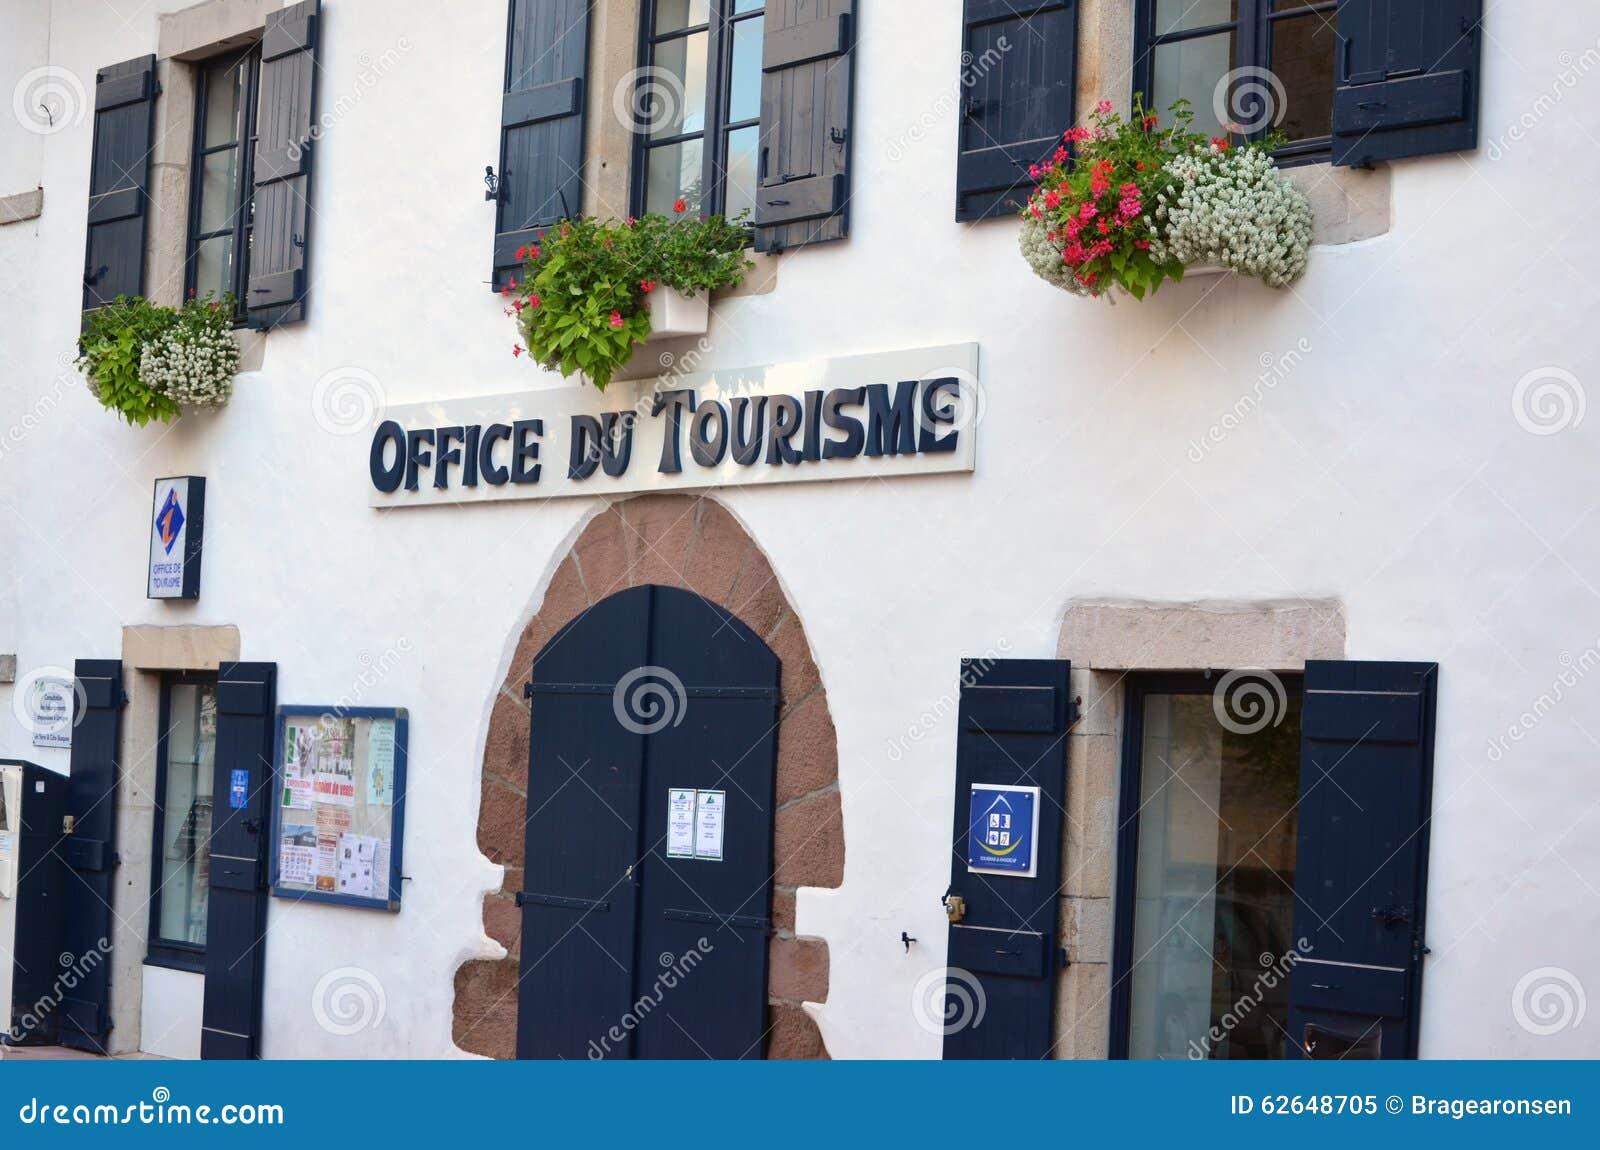 Ufficio Turismo In Francese : Un ufficio turistico nel paese basco francese pays basque